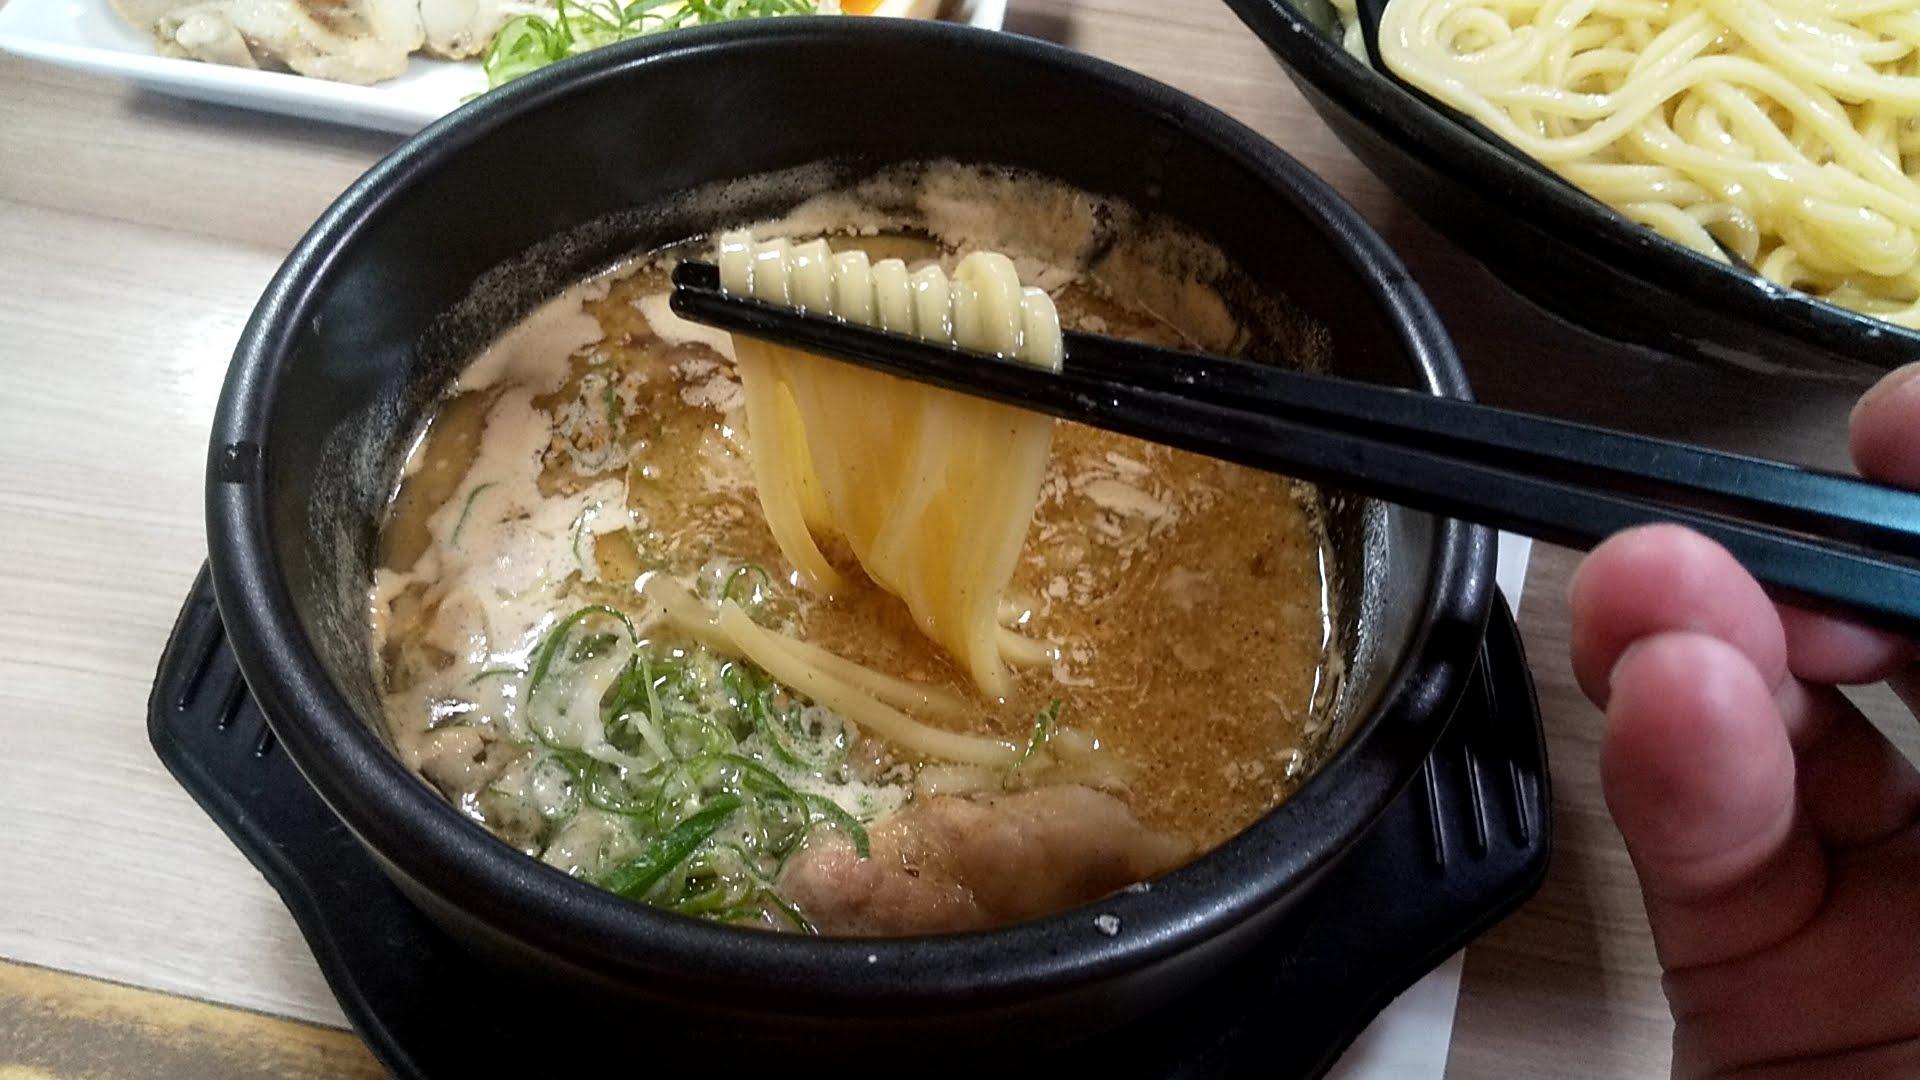 越後つけ麺維新の特製かつおつけ麺の麺リフト2